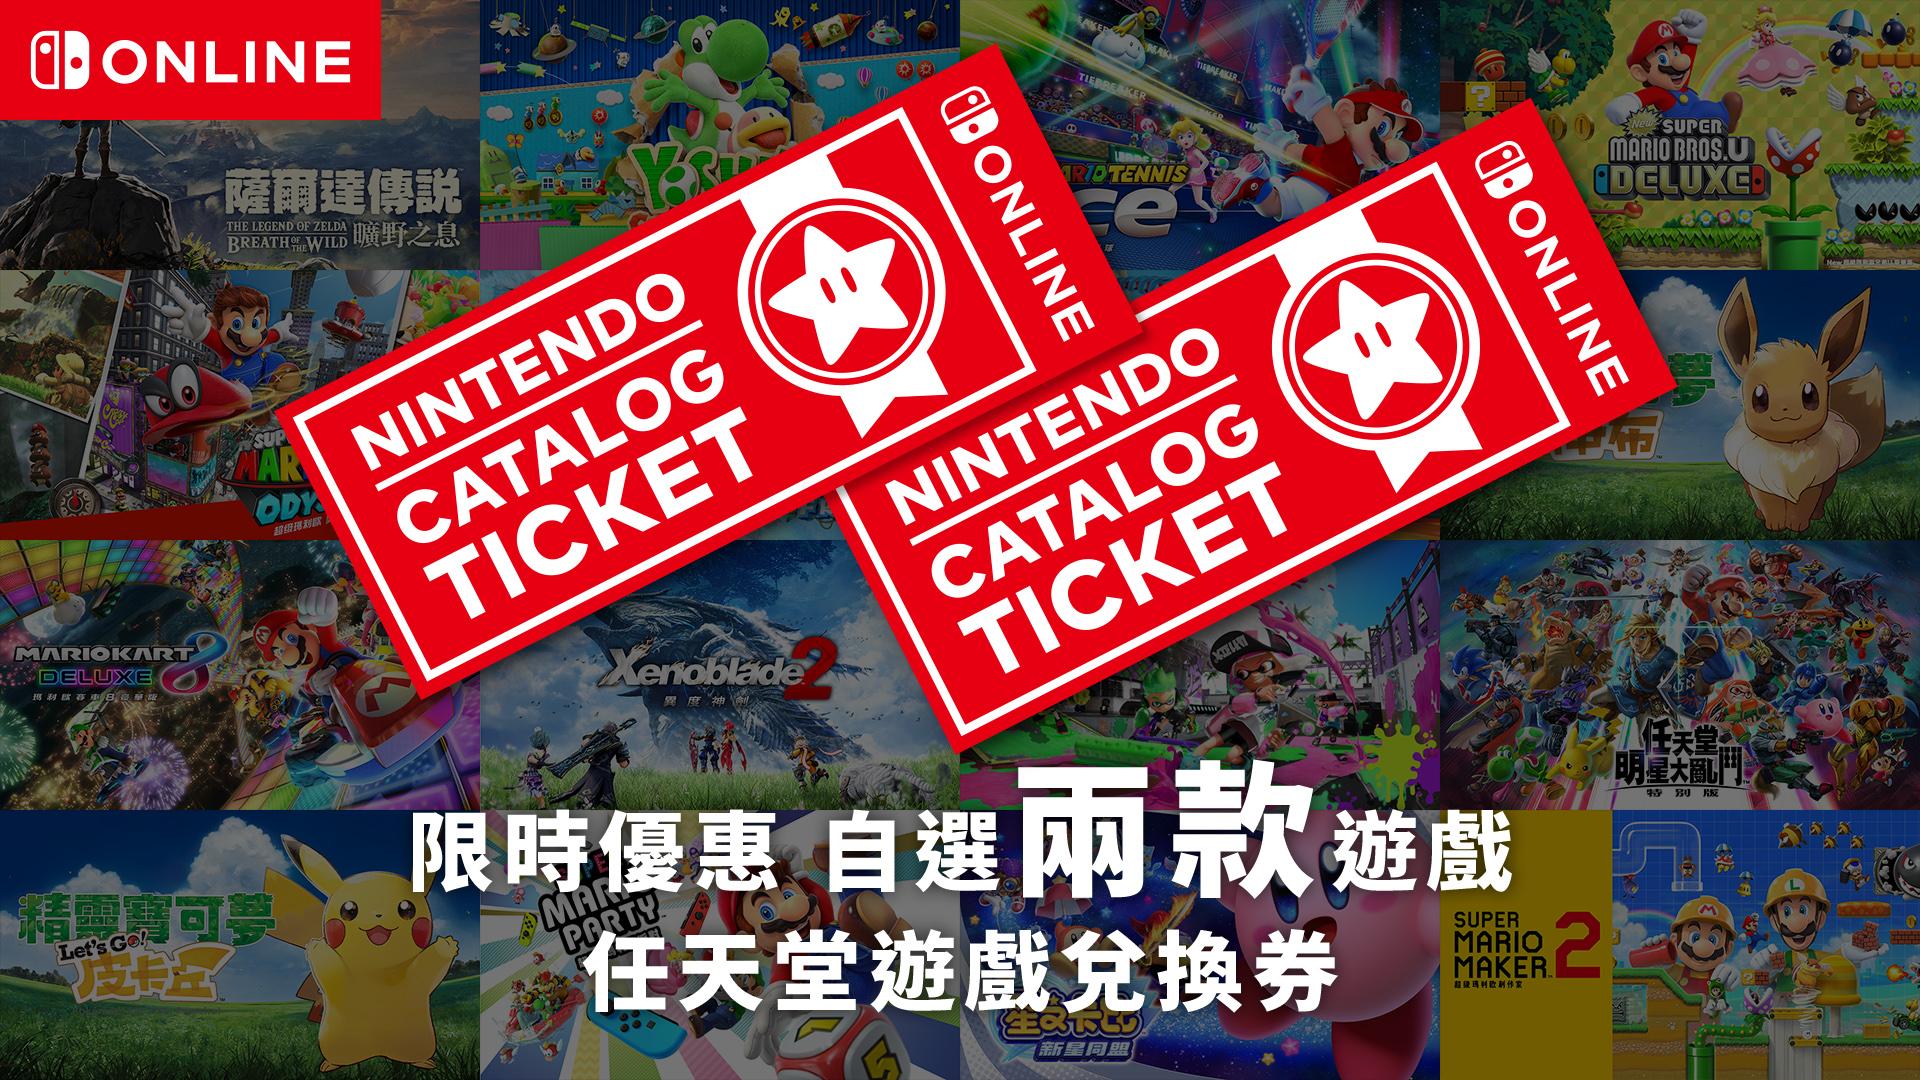 任天堂港服将于5月18日限时推出任亏券 售价649港币